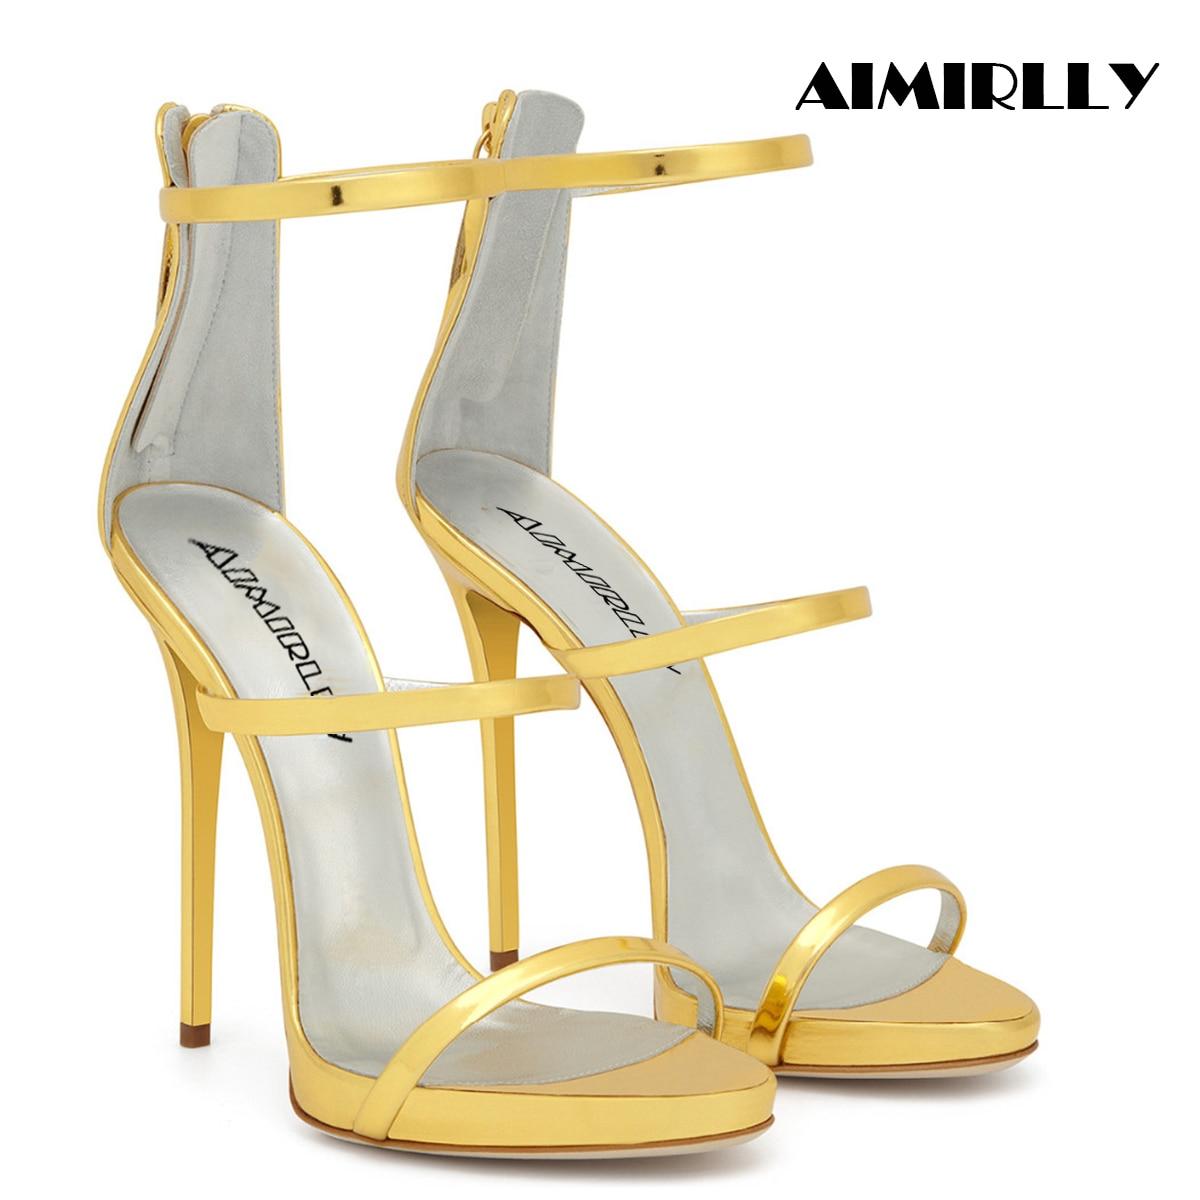 Ayakk.'ten Yüksek Topuklular'de Kadınlar için yüksek topuklu ayakkabı Sandalet Zarif Peep Toe Strappy Kapak Topuk Fermuar Bayanlar Yaz Parti Elbise Ayakkabı Kadın Aimirlly'da  Grup 1